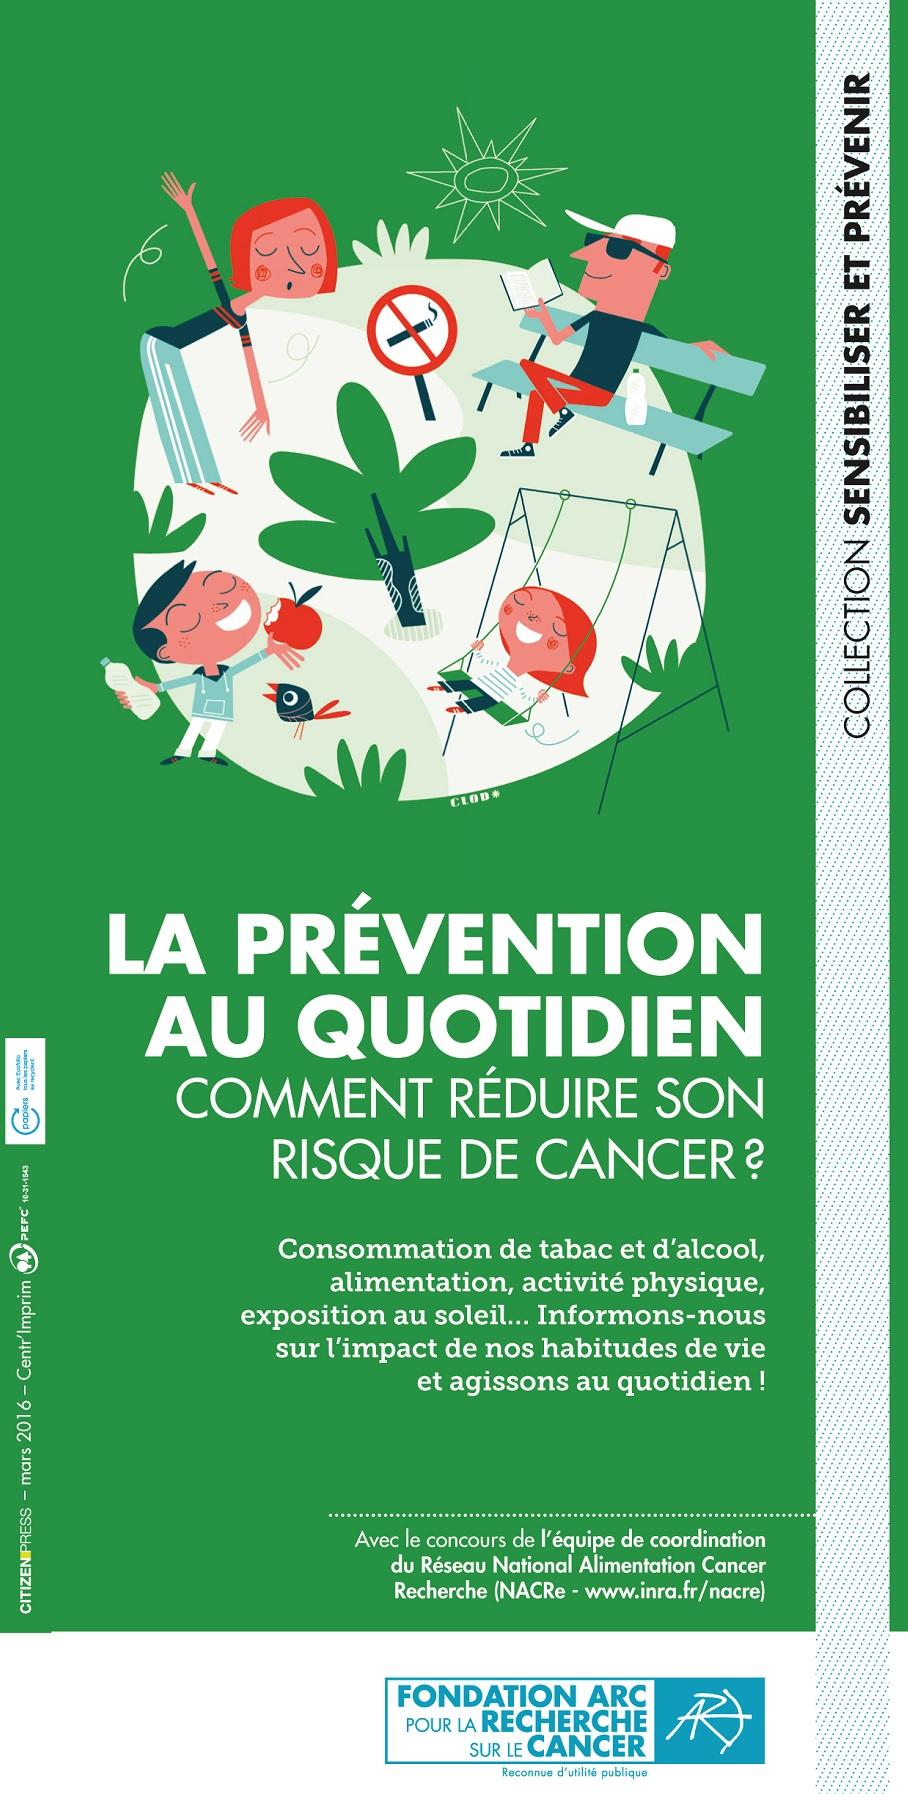 Dépliant ''La prévention au quotidien. Comment réduire son risque de cancer ?'' Fondation ARC 2016